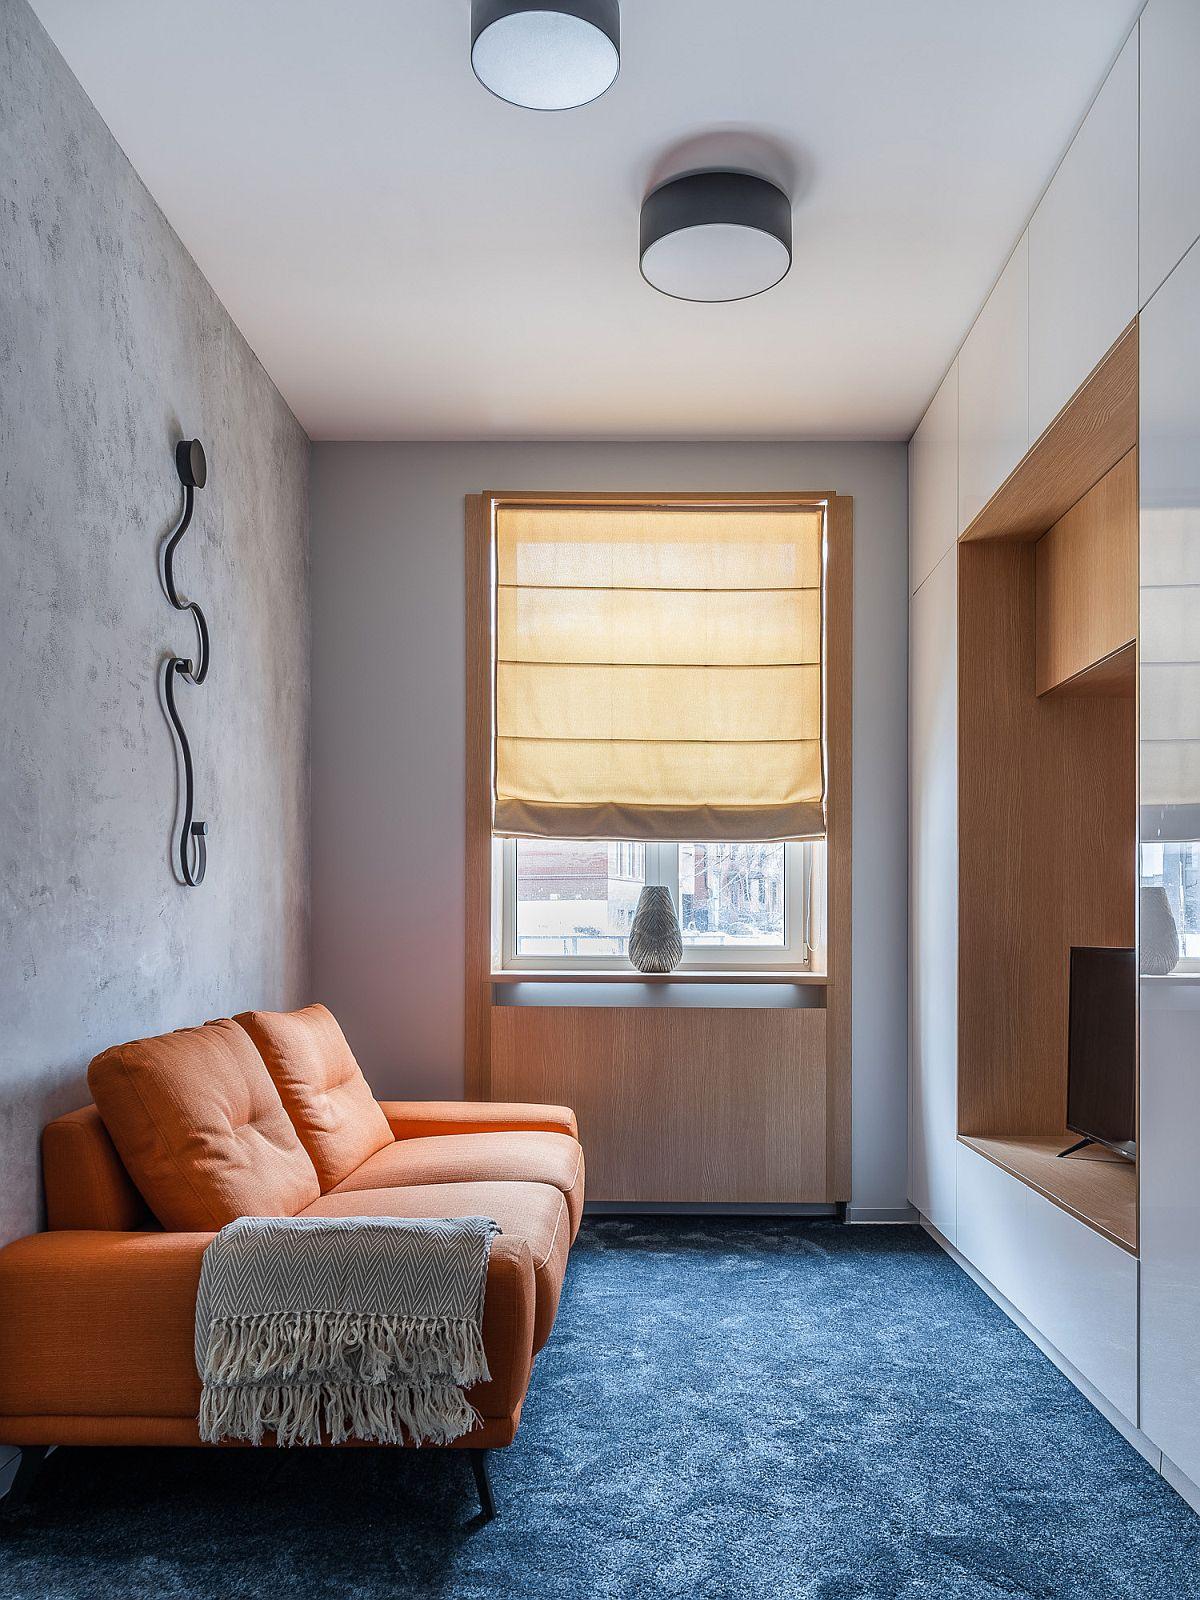 Phòng khách nhỏ xíu vẫn đẹp hoàn hảo nhờ kinh nghiệm lựa chọn sofa phù hợp - Ảnh 11.